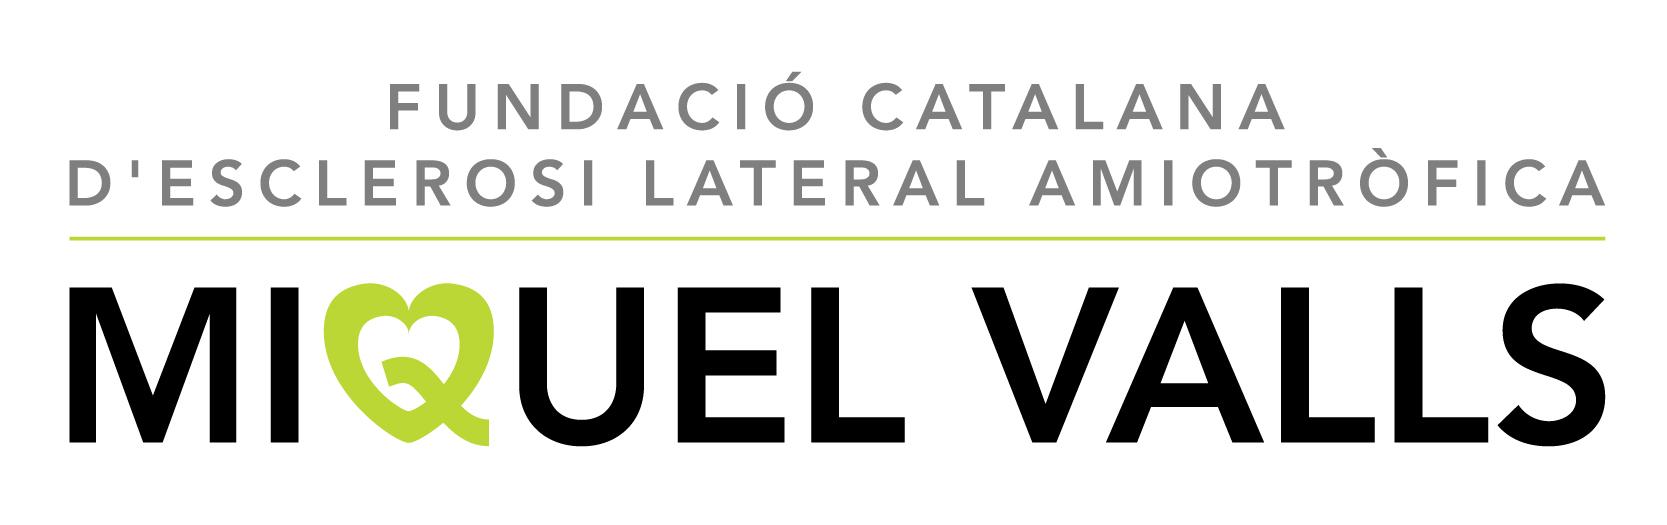 Fundacio Miquel Valls